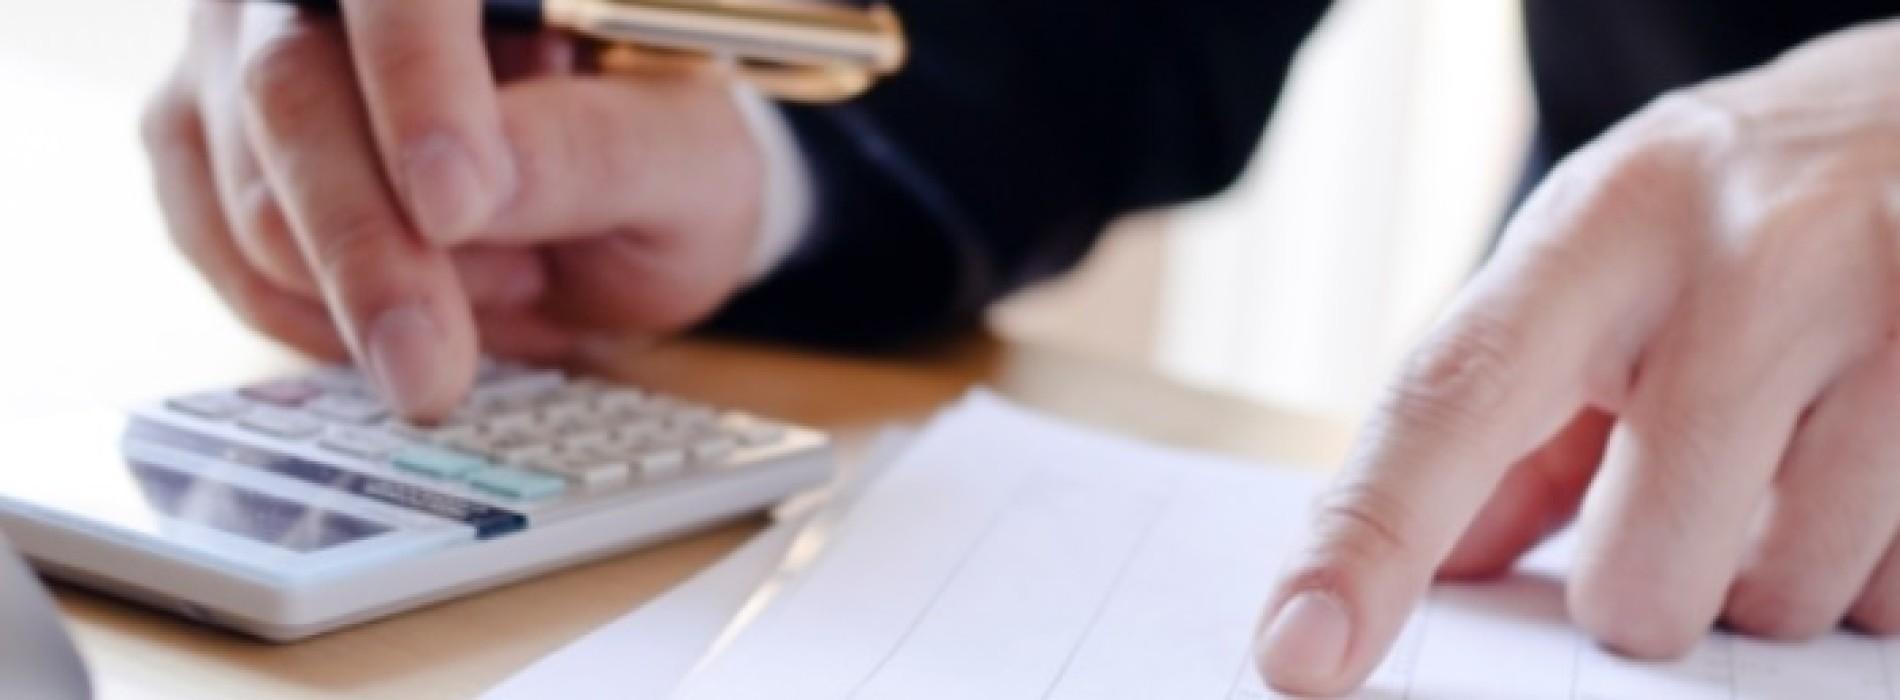 Ile powinno trwać postępowanie podatkowe?